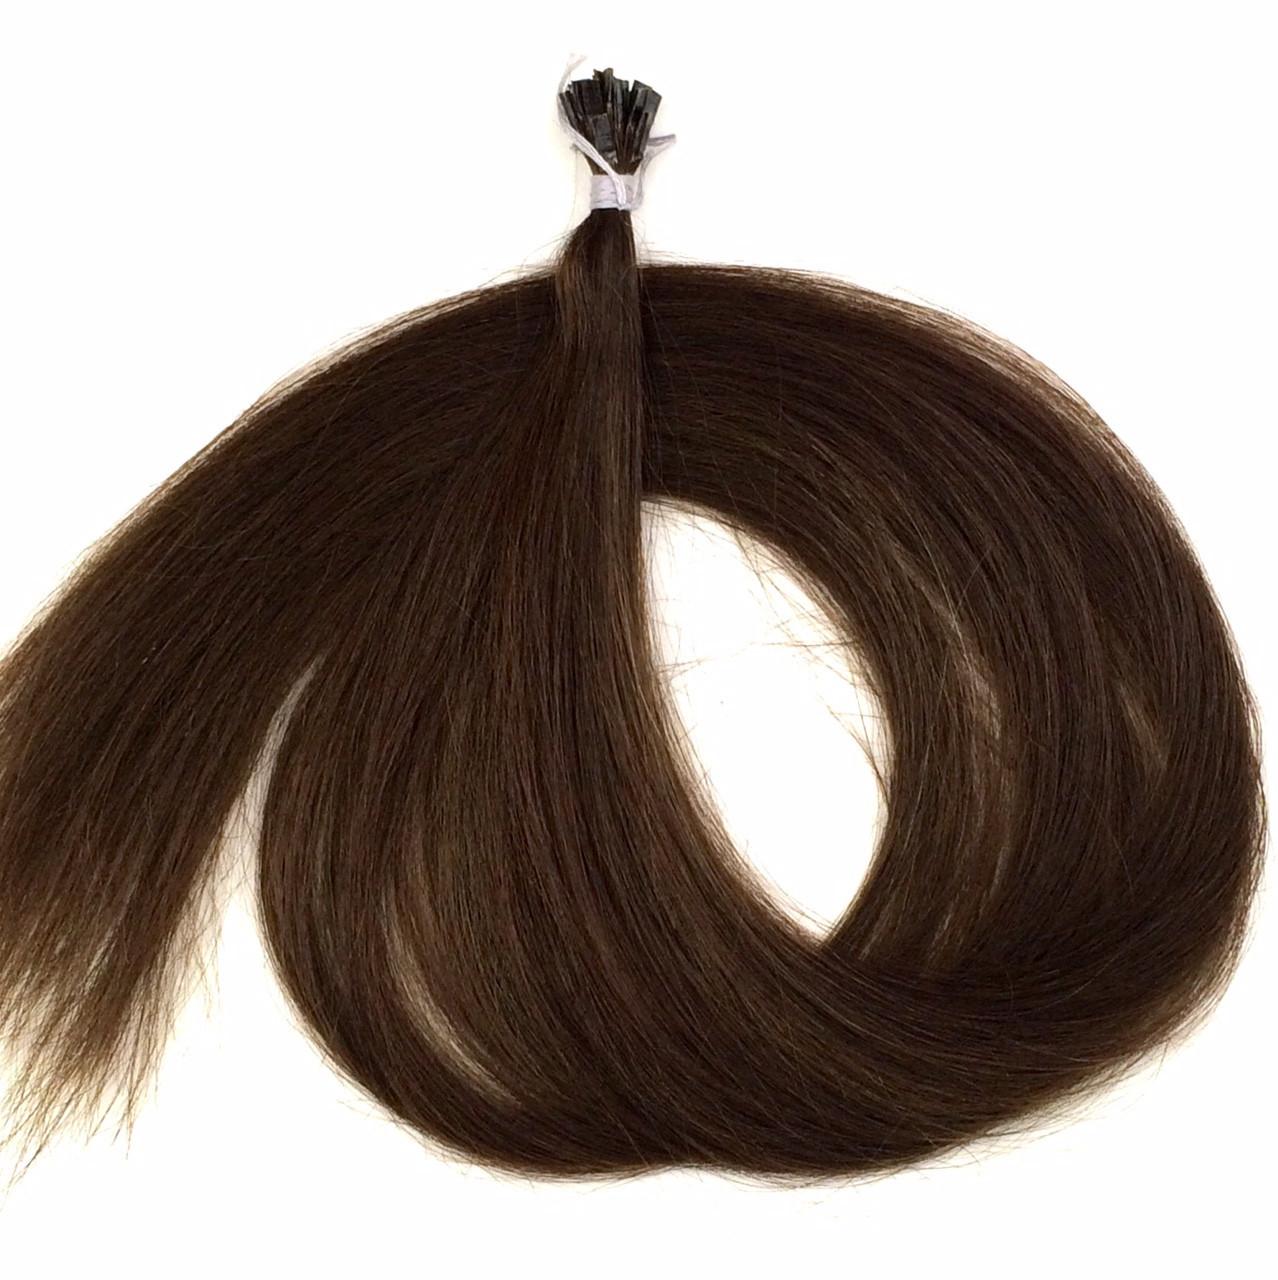 Славянские волосы на капсулах 80 см. Цвет #Каштановый